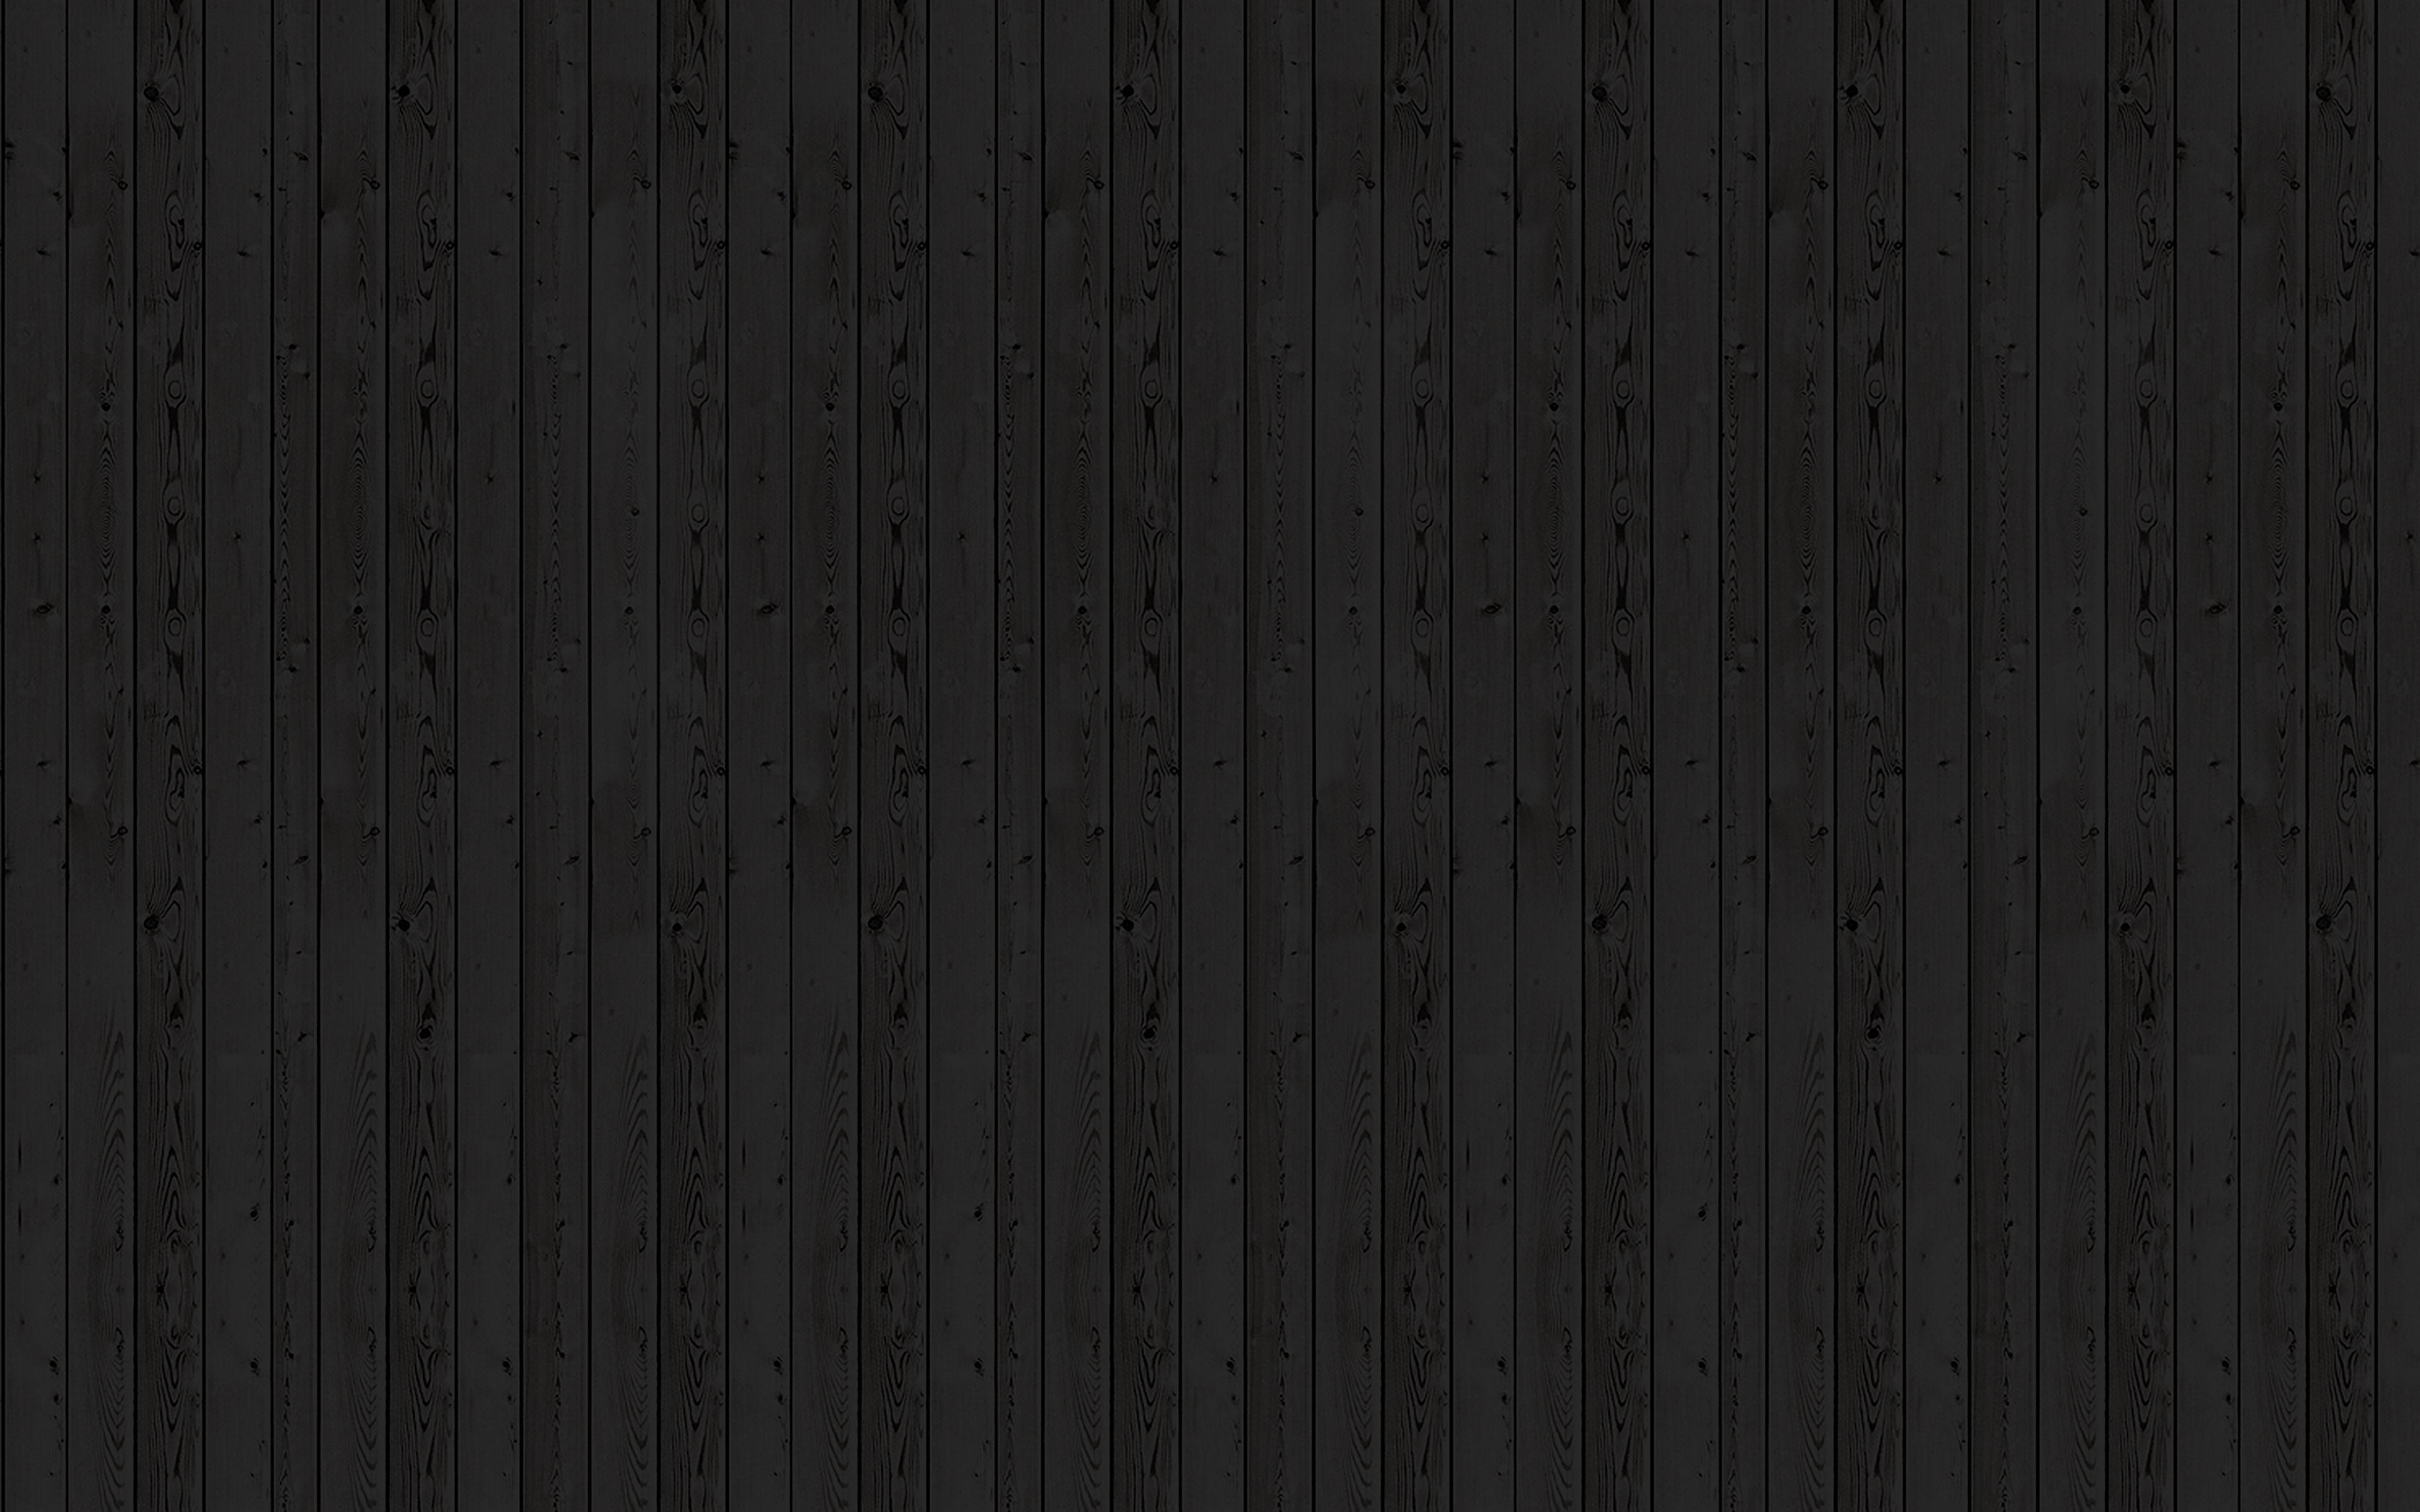 Vd50 Wooden Floor Pattern Natural Dark